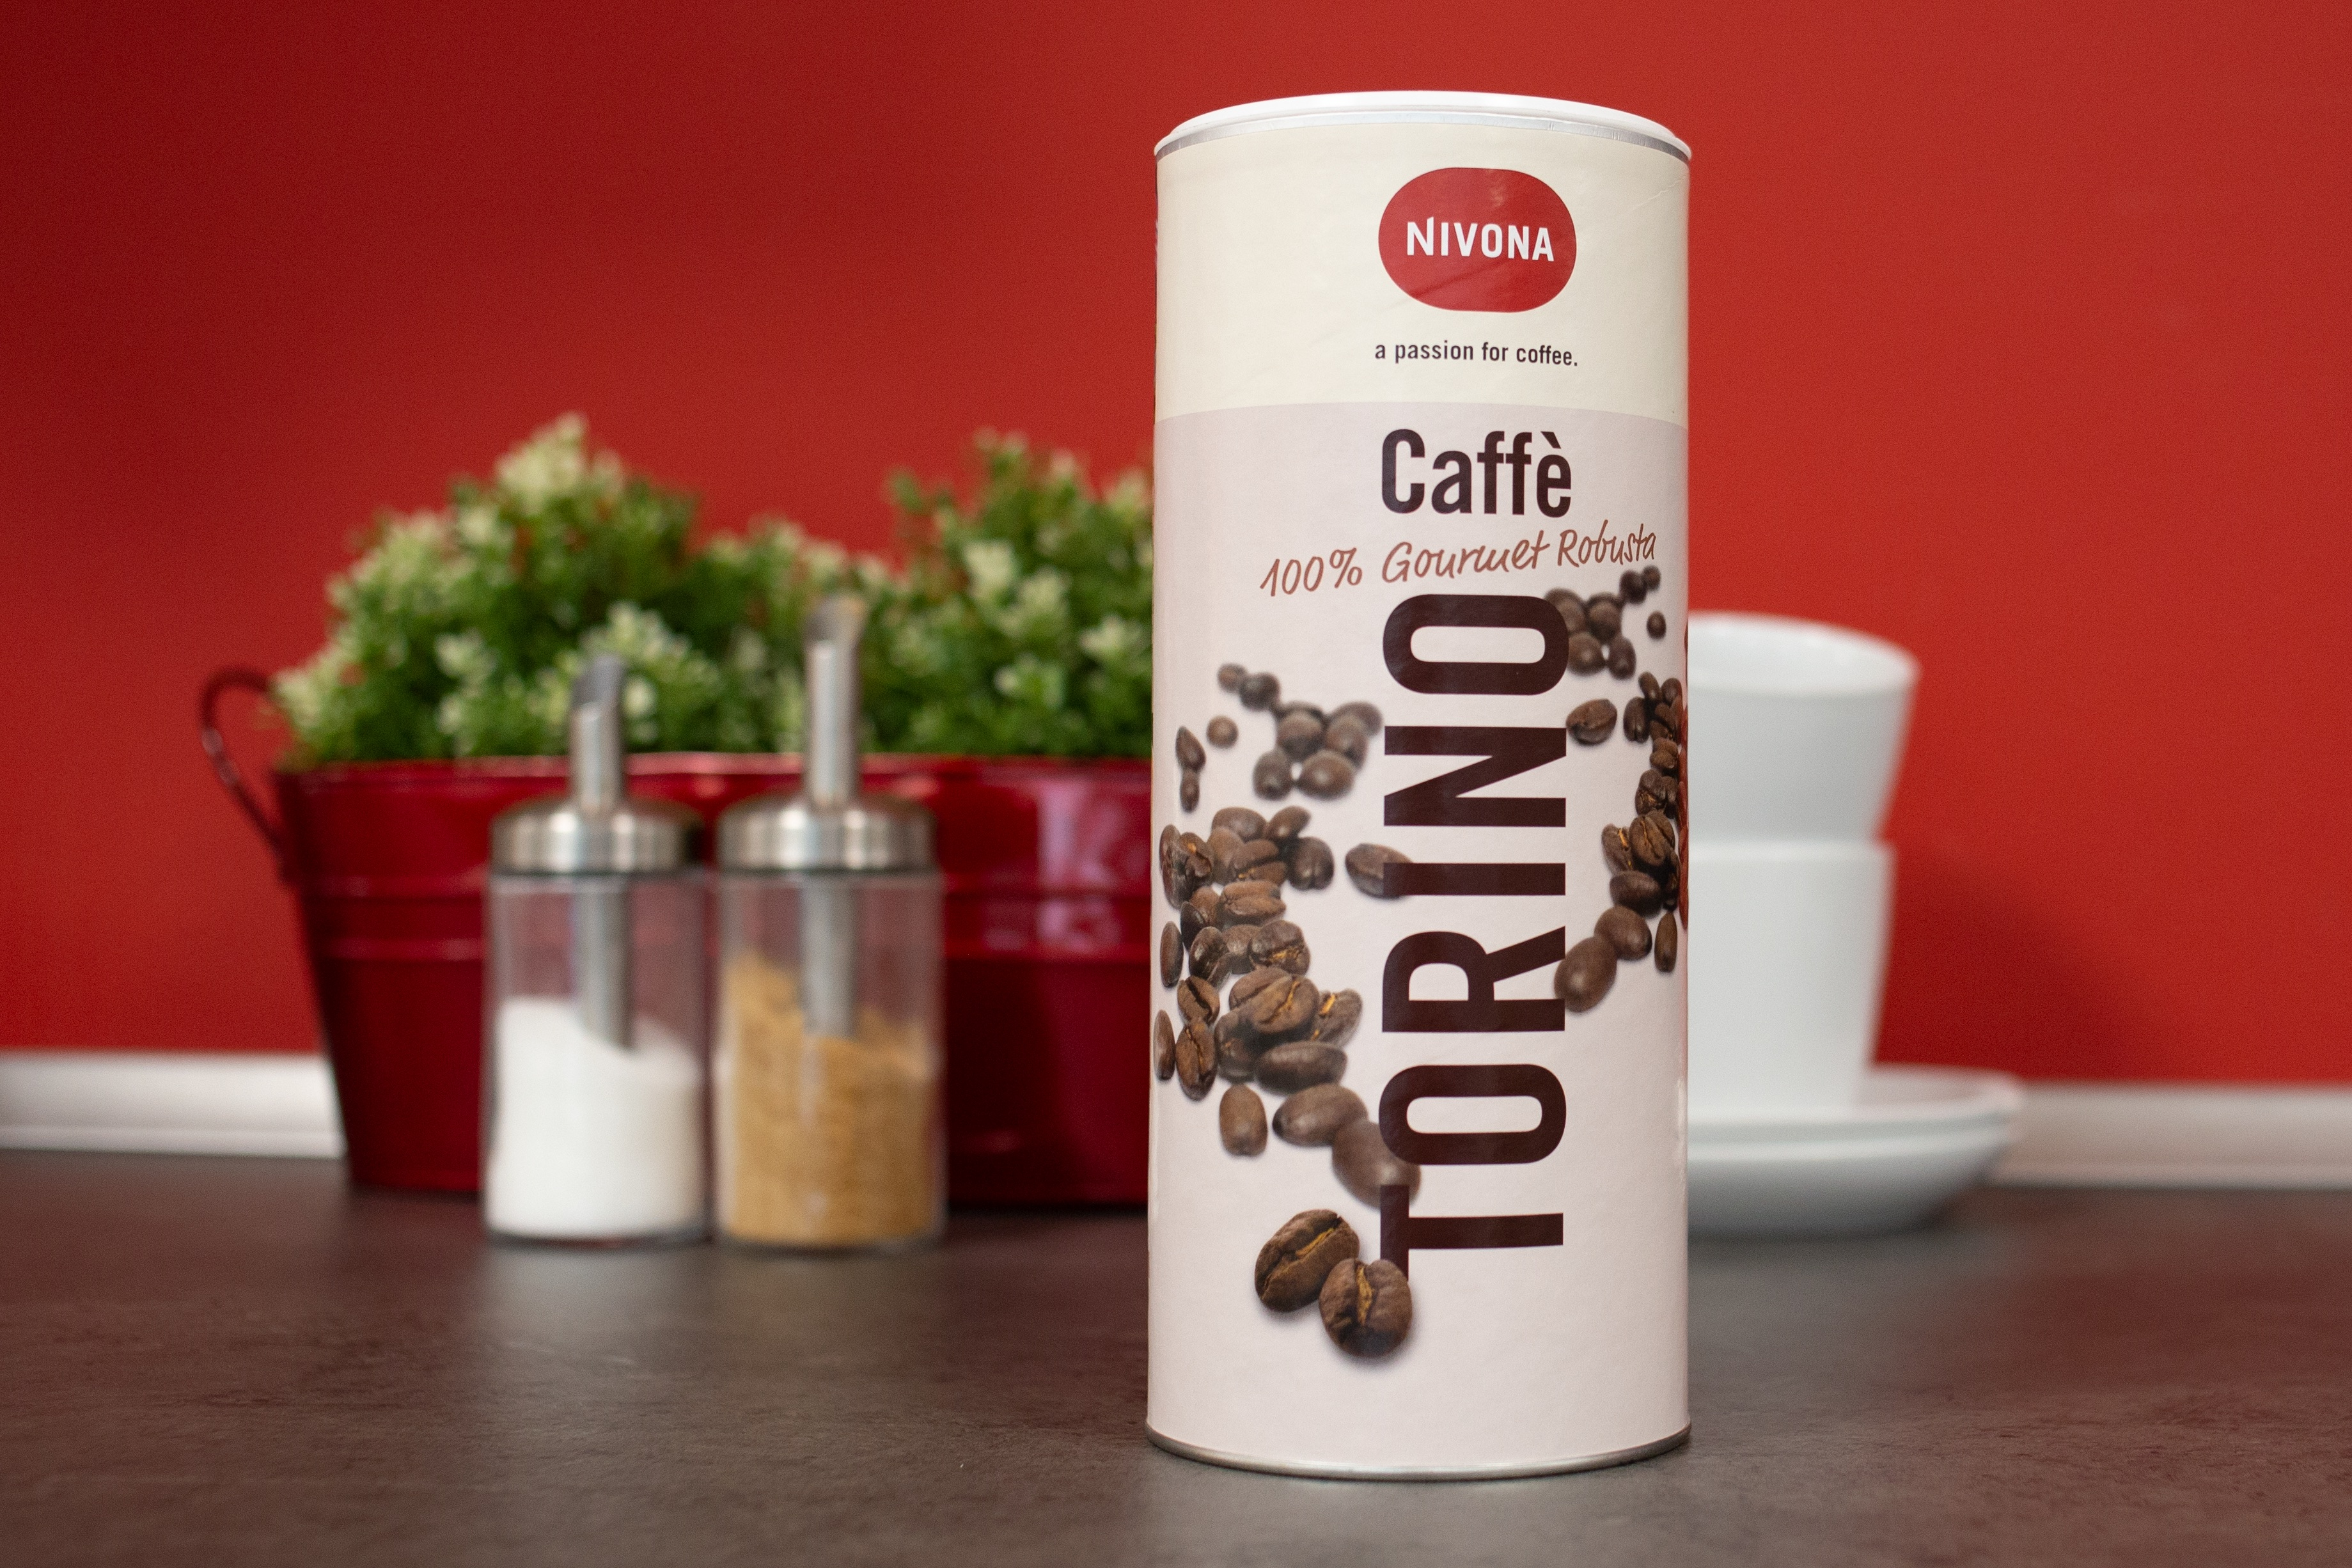 NIVONA Caffé Torino